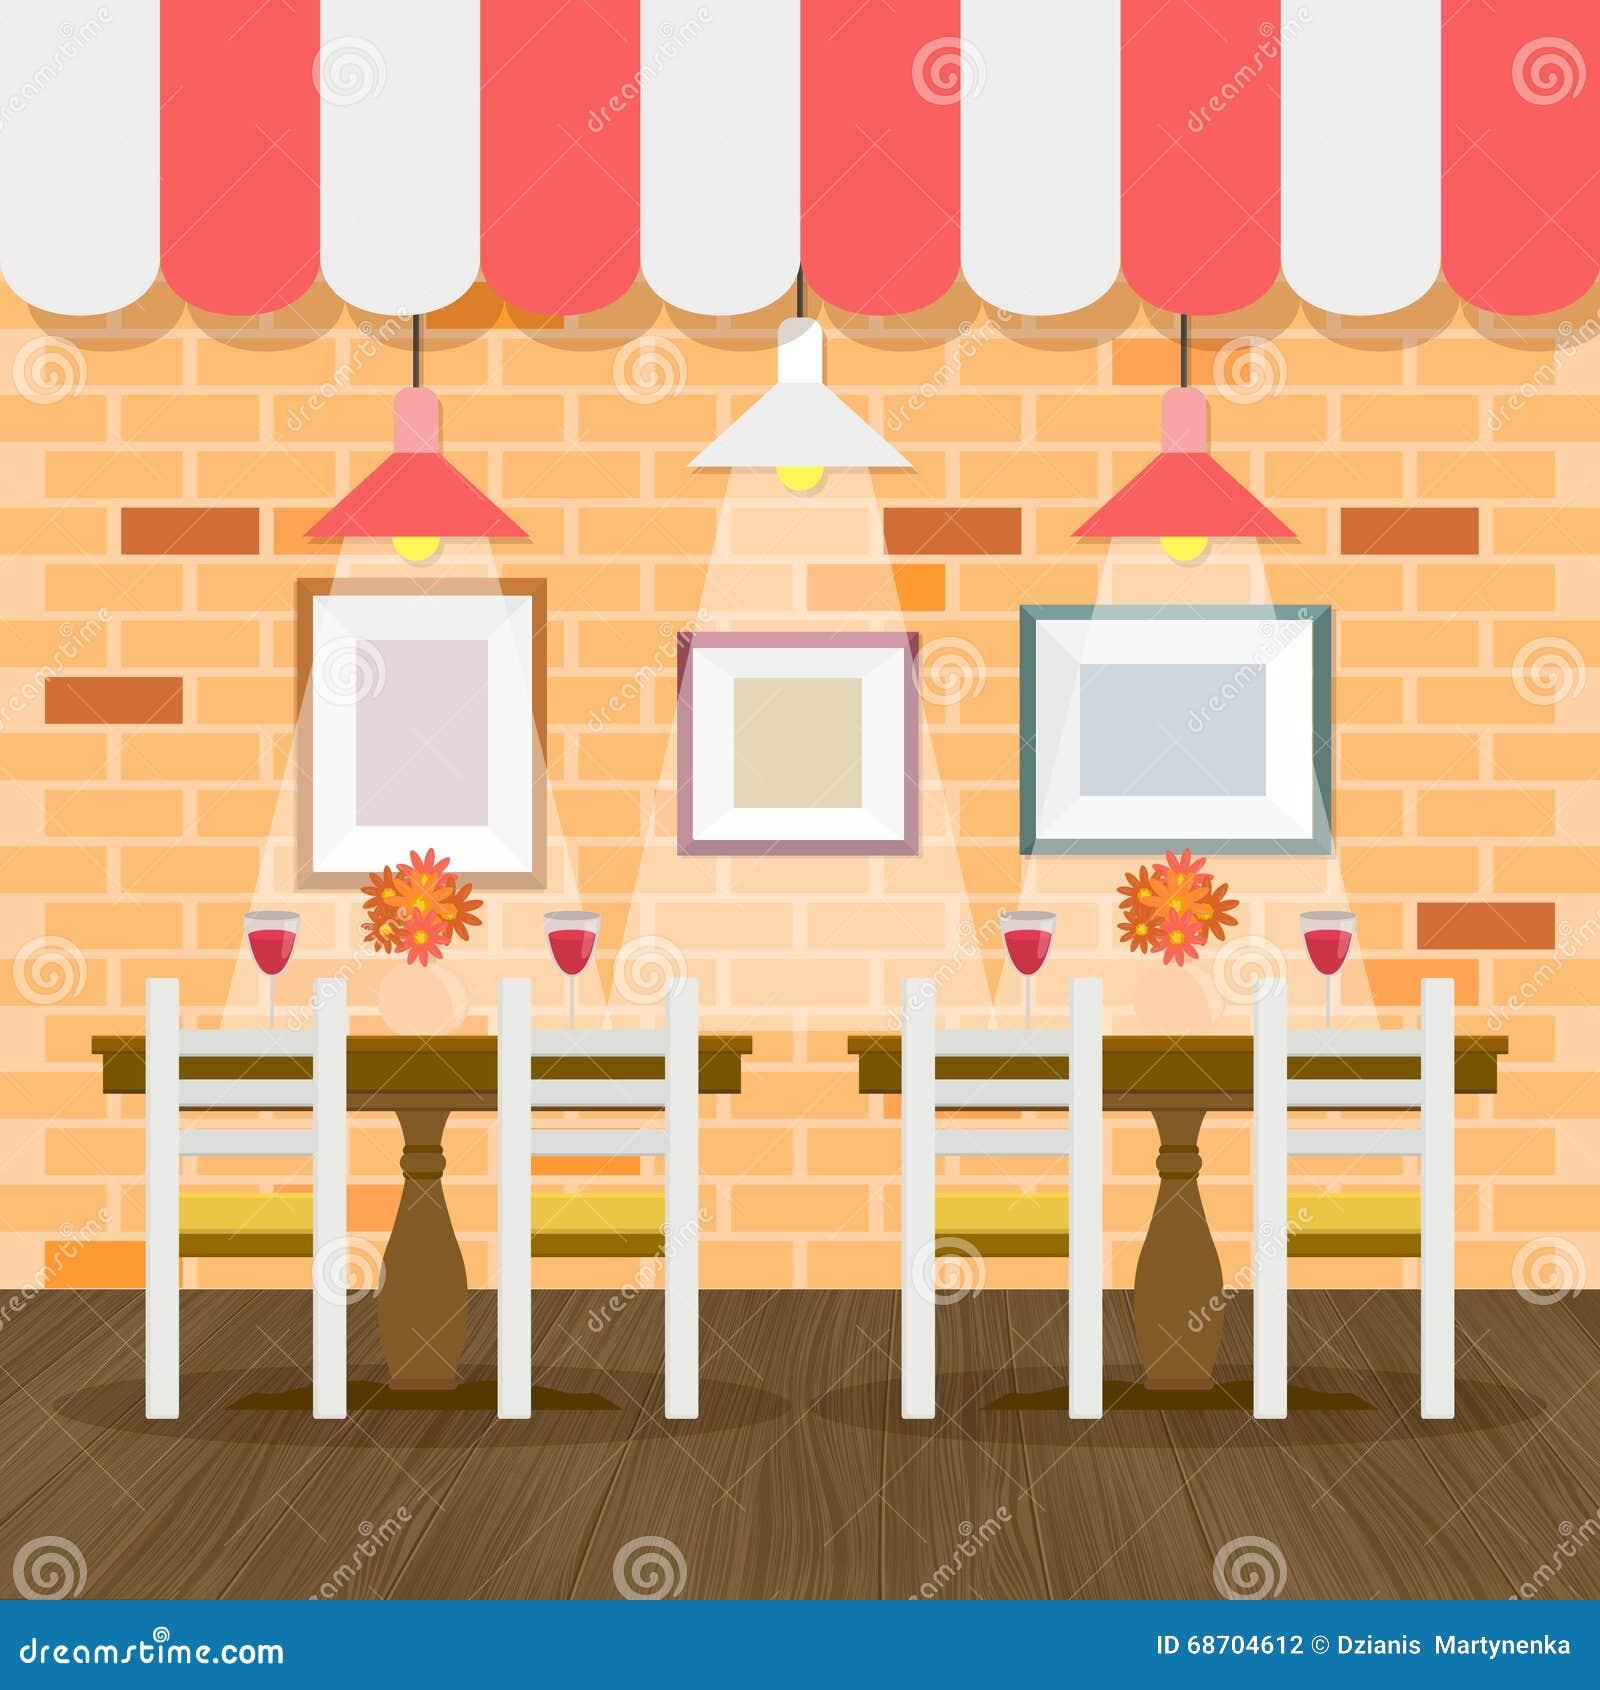 Restaurant Interior With Bricks Wall Stock Vector - Illustration of ...